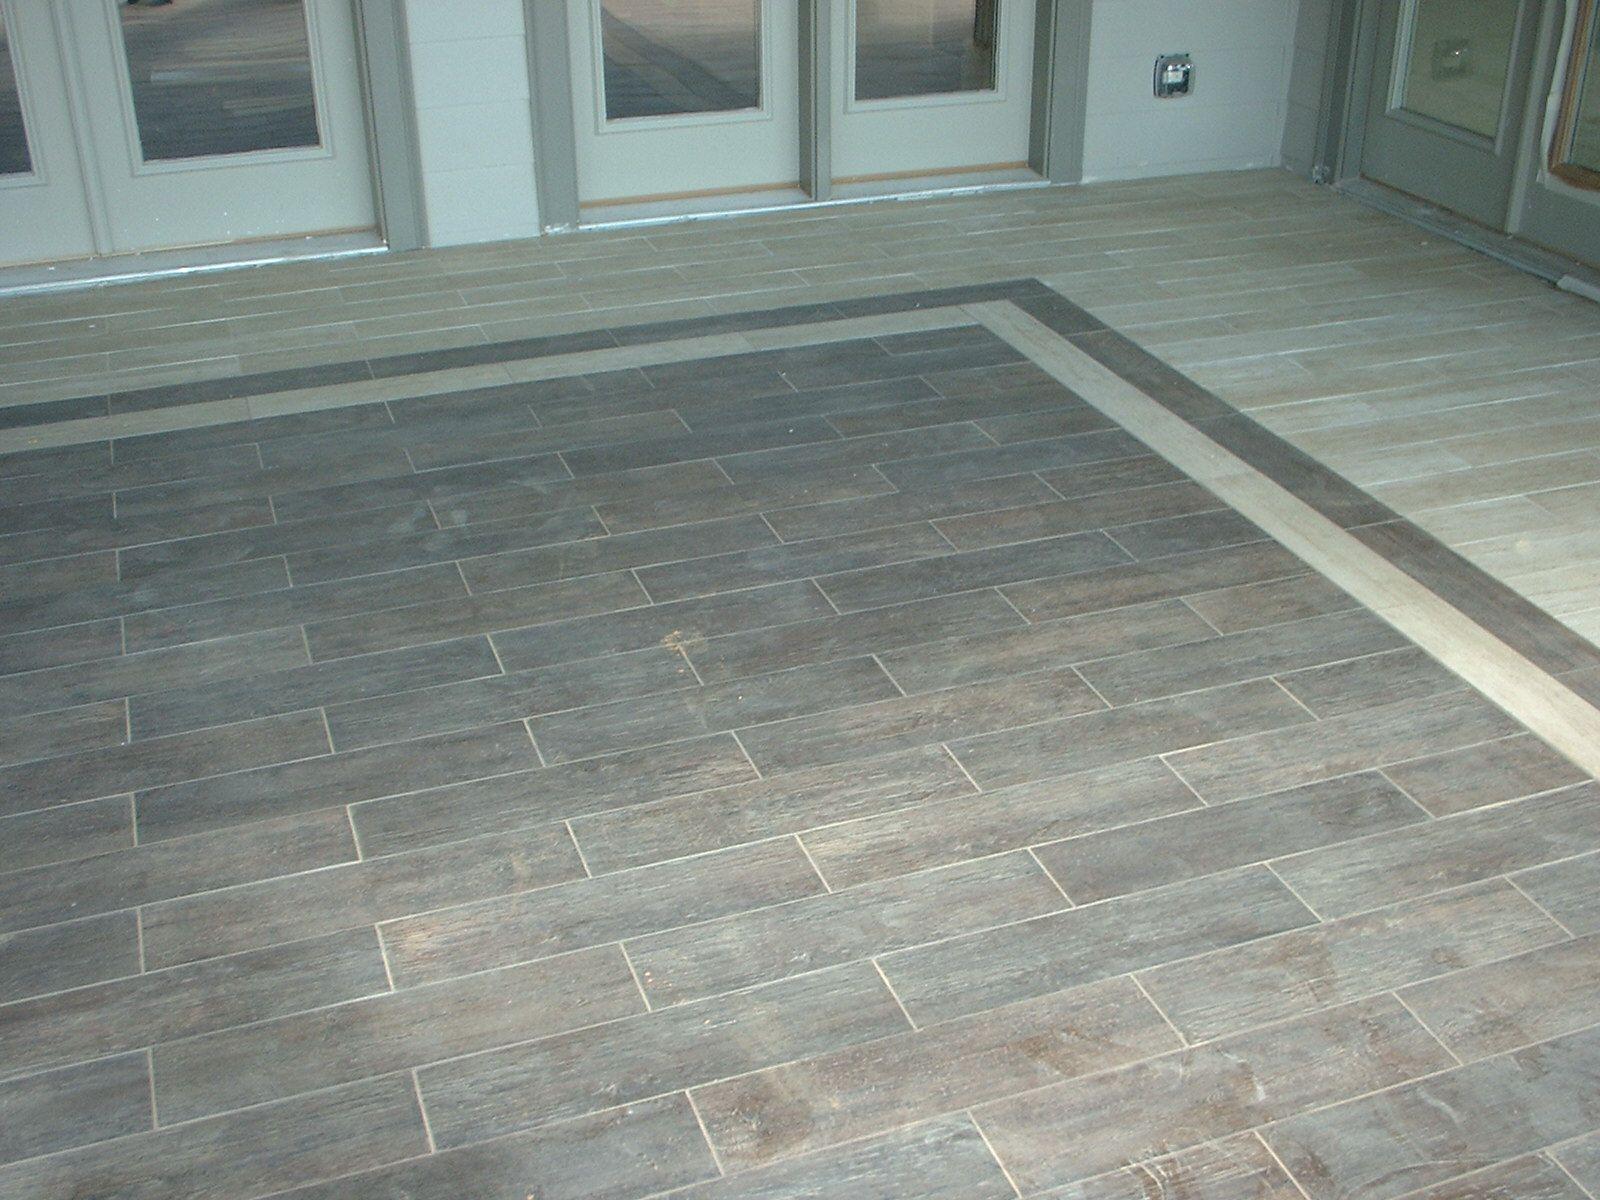 Charming Porch Flooring Tiles, Porch Tile, Patio Tiles, Outdoor Flooring, Front Porch  Deck